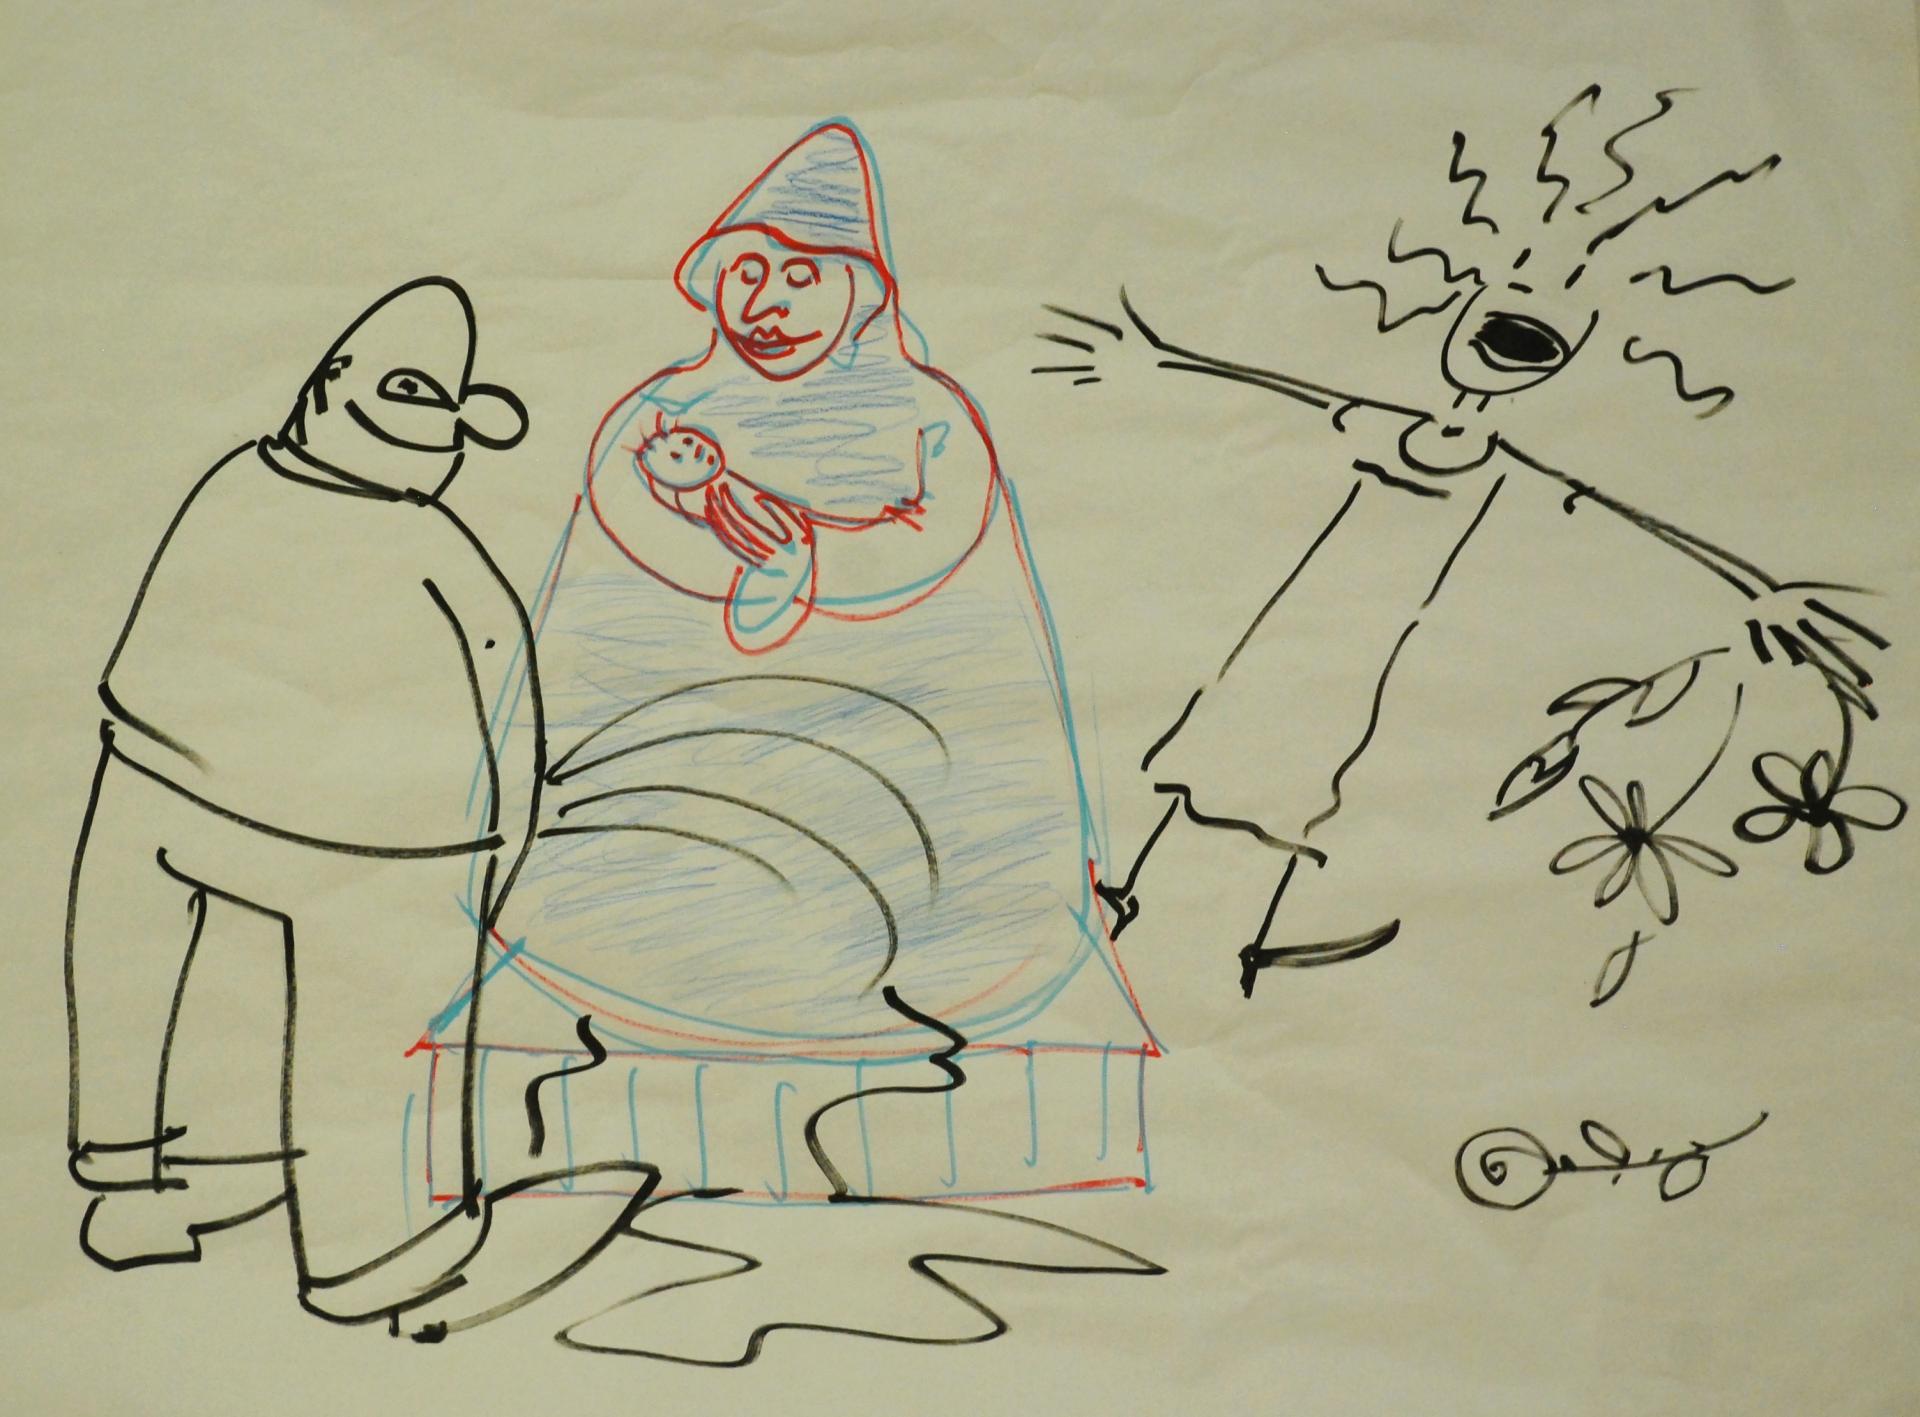 dessin de JP Molin pour illustrer la notion de blasphème